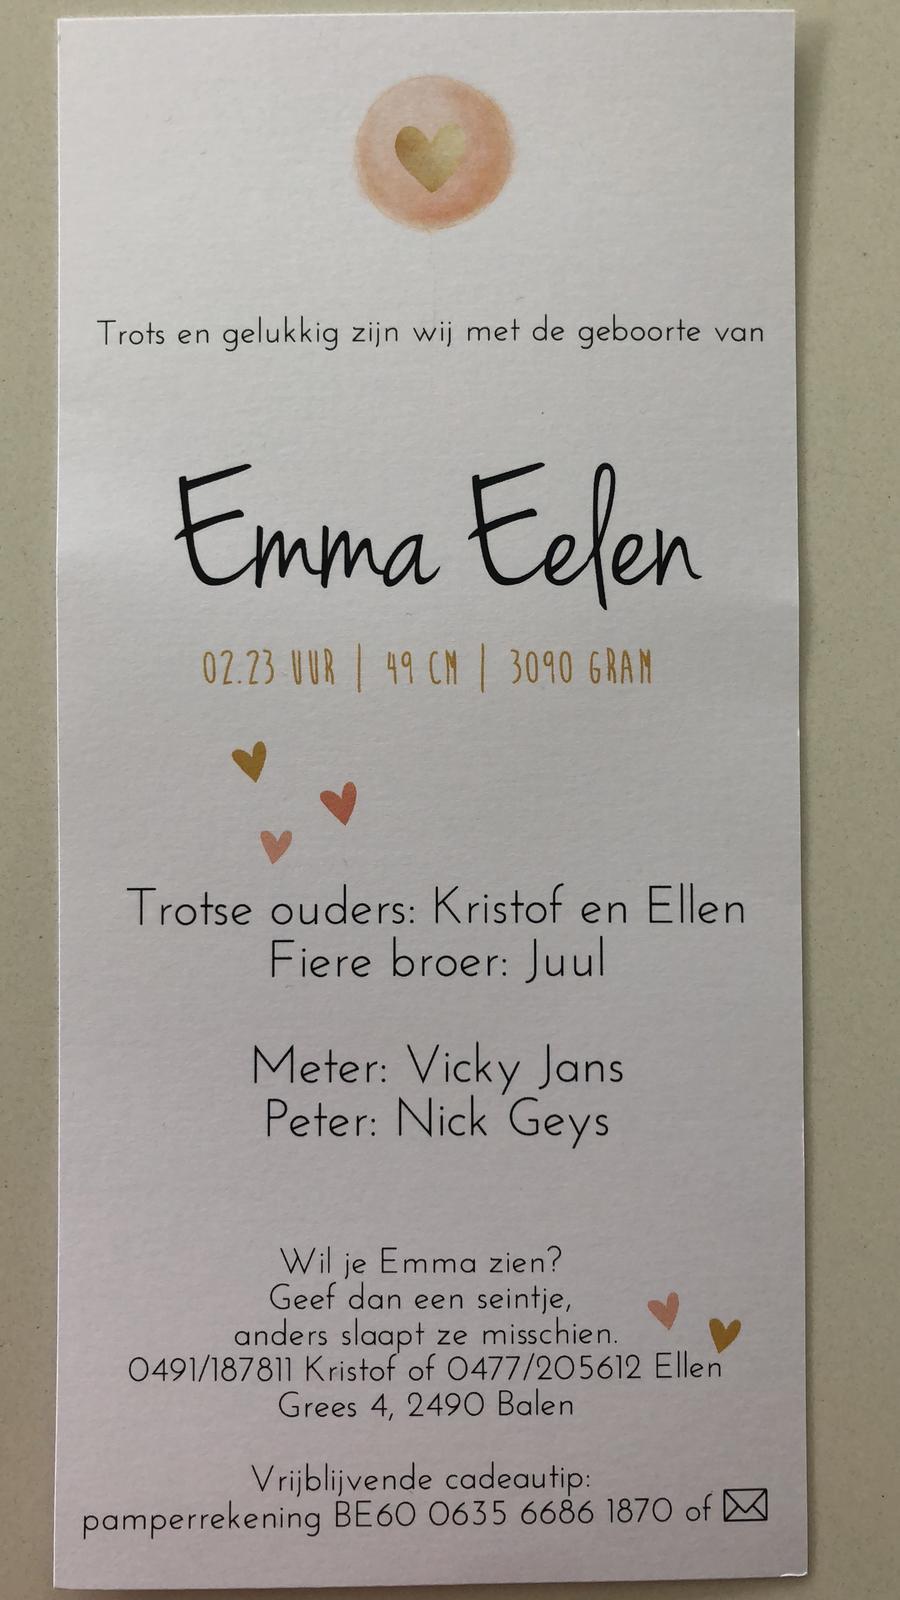 Emma Eelen